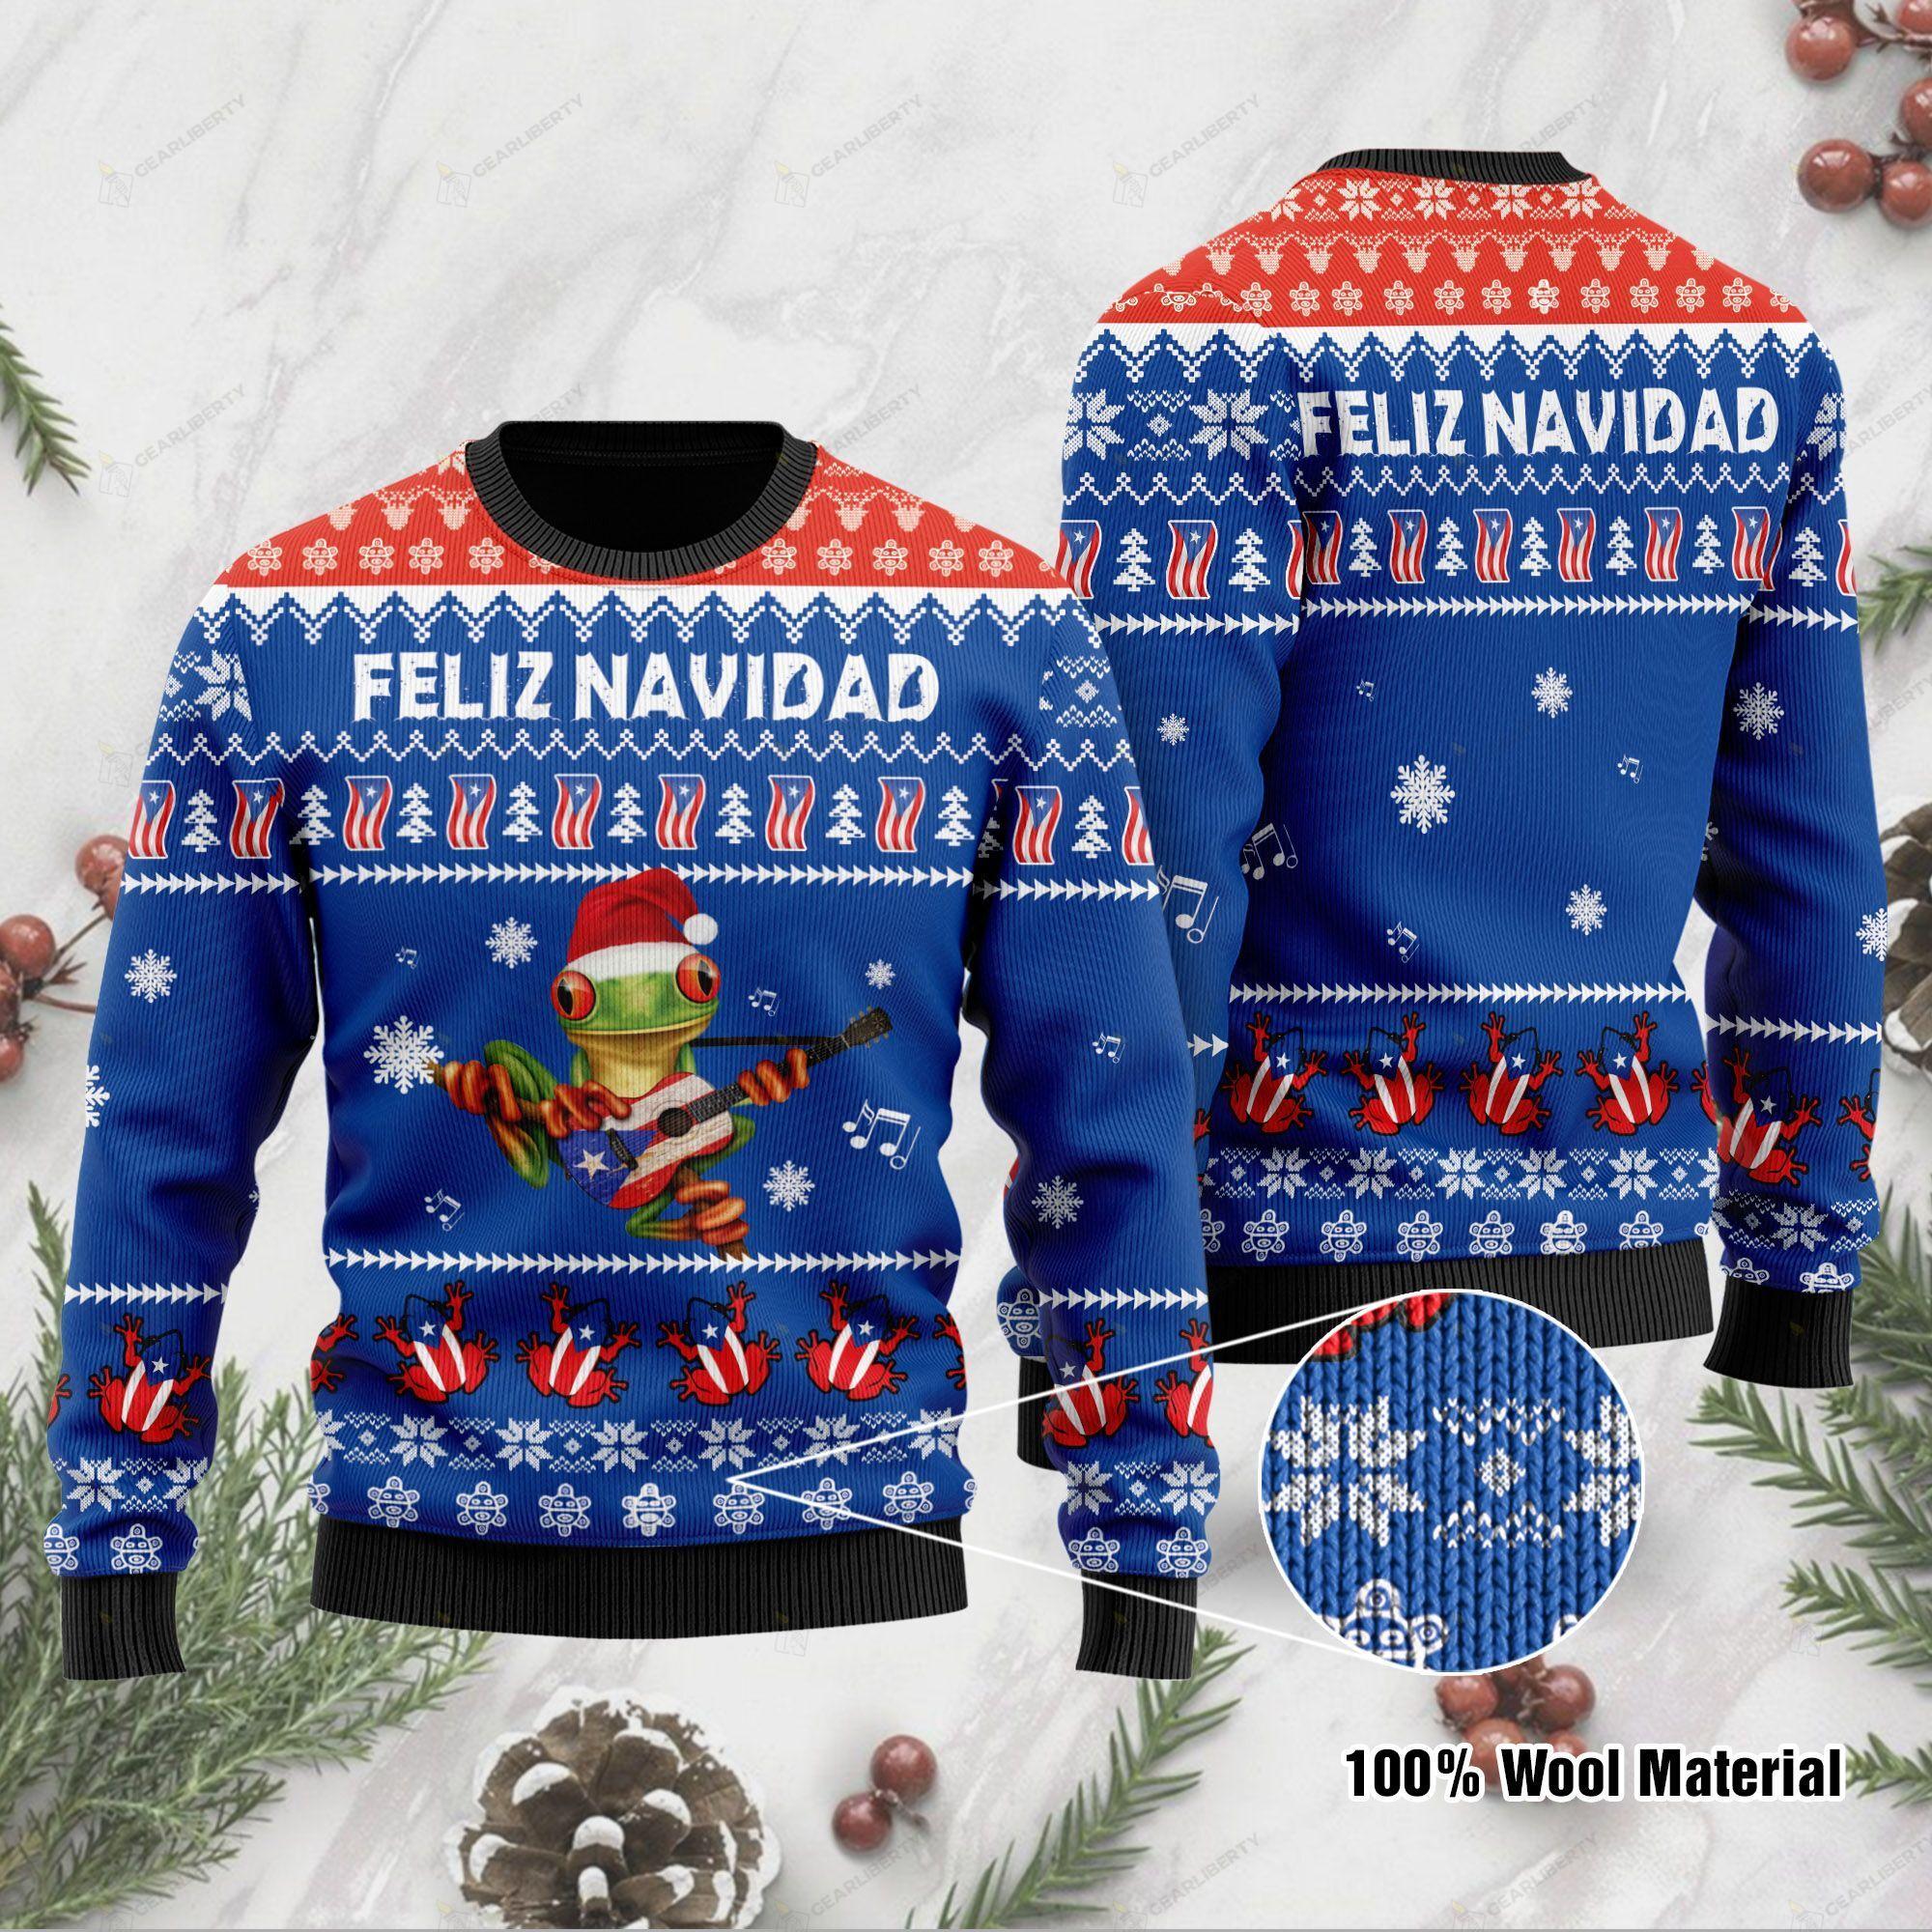 Puerto rico feliz navidad ugly sweater